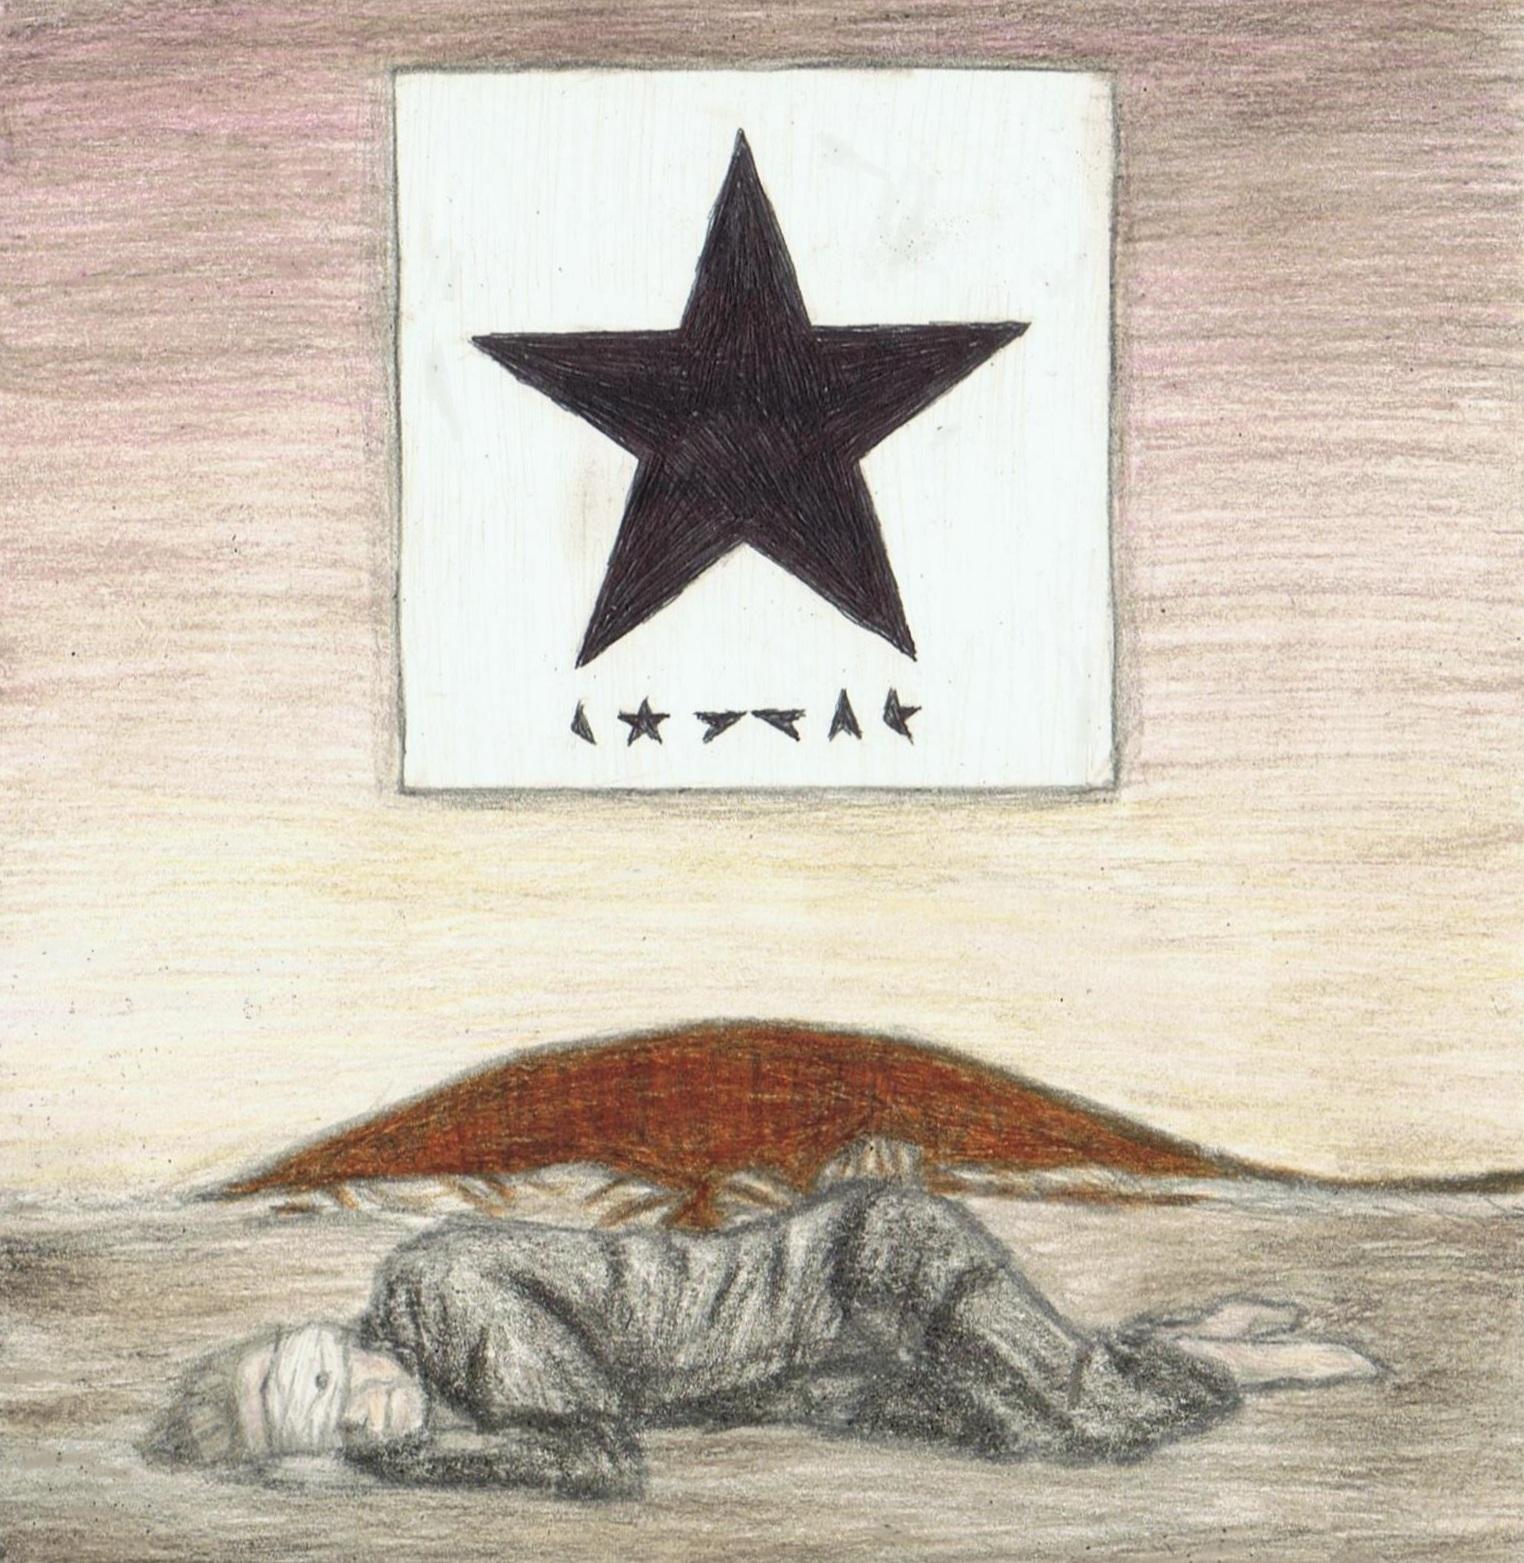 David Bowie - Blackstar by gagambo